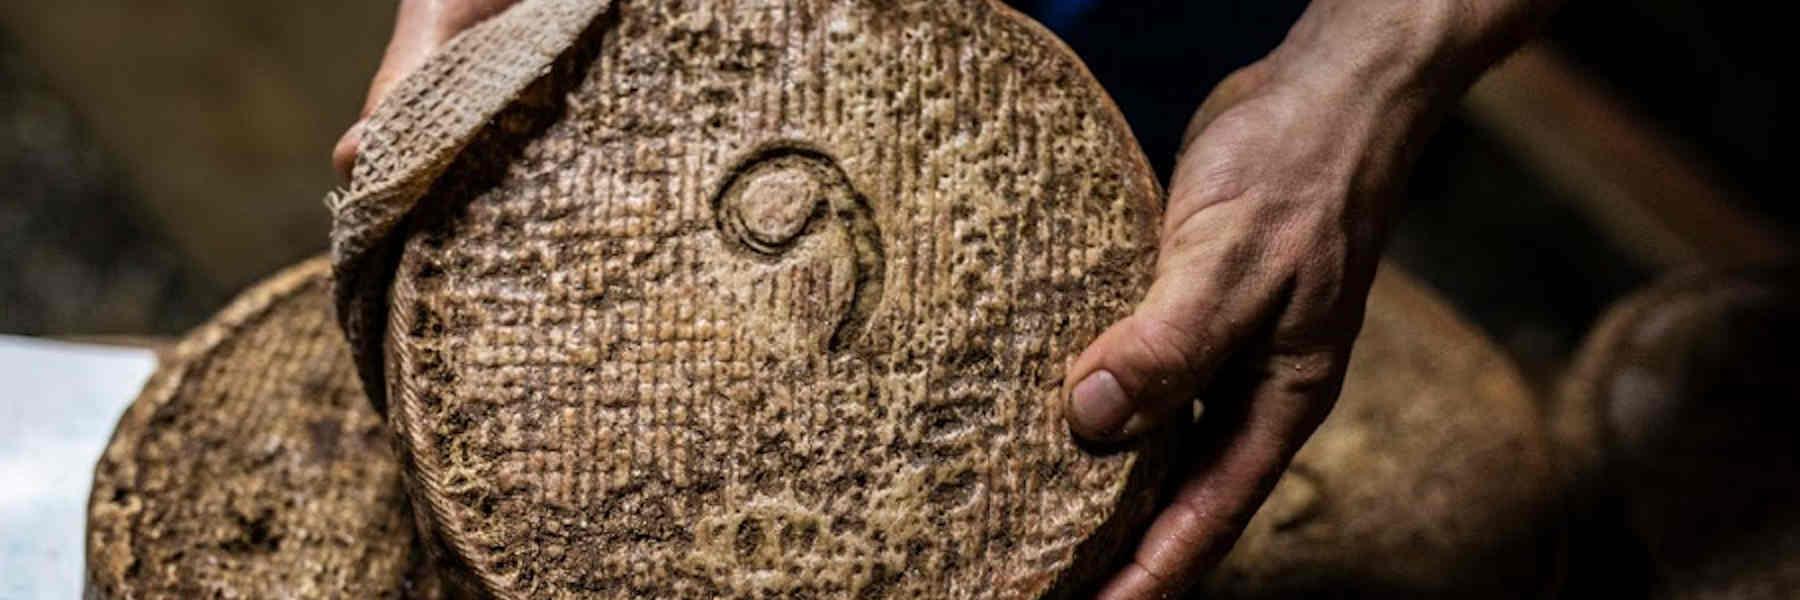 Les producteurs de la boutique paysanne la Borieta